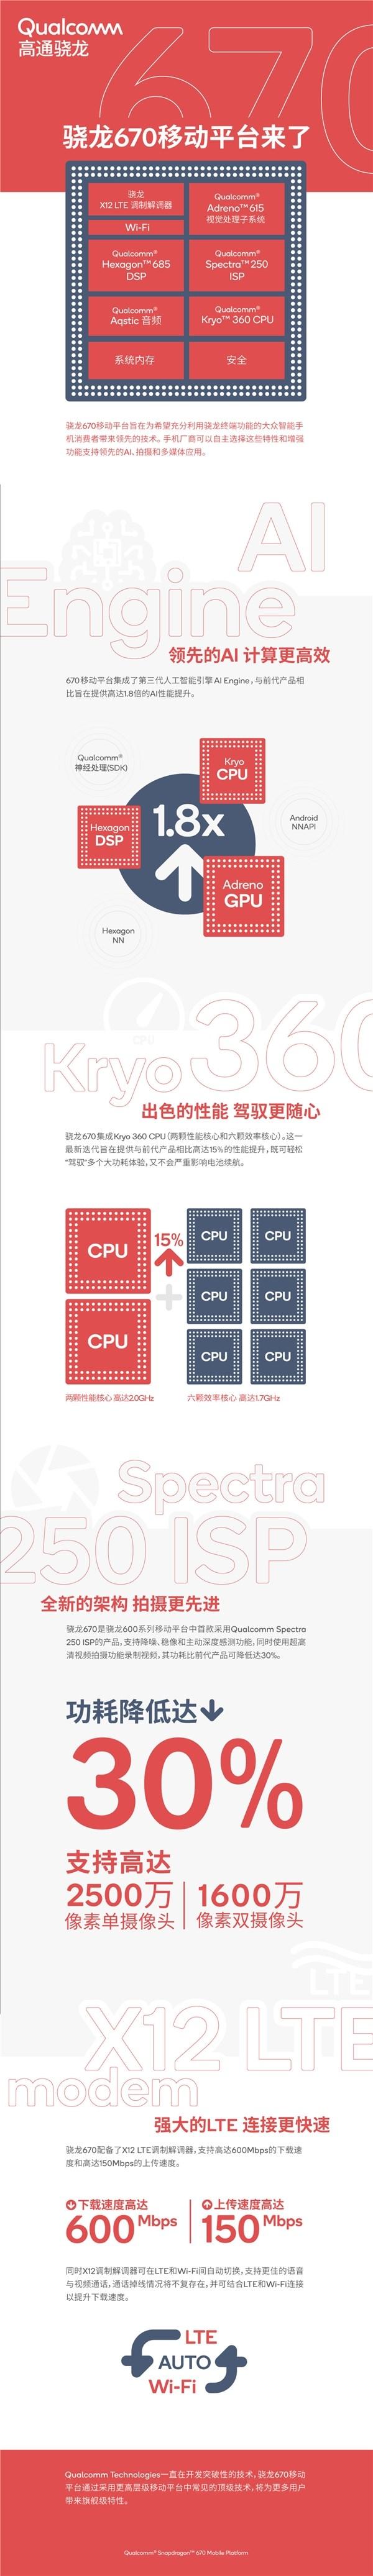 一图了解骁龙670处理器:骁龙600系最强U